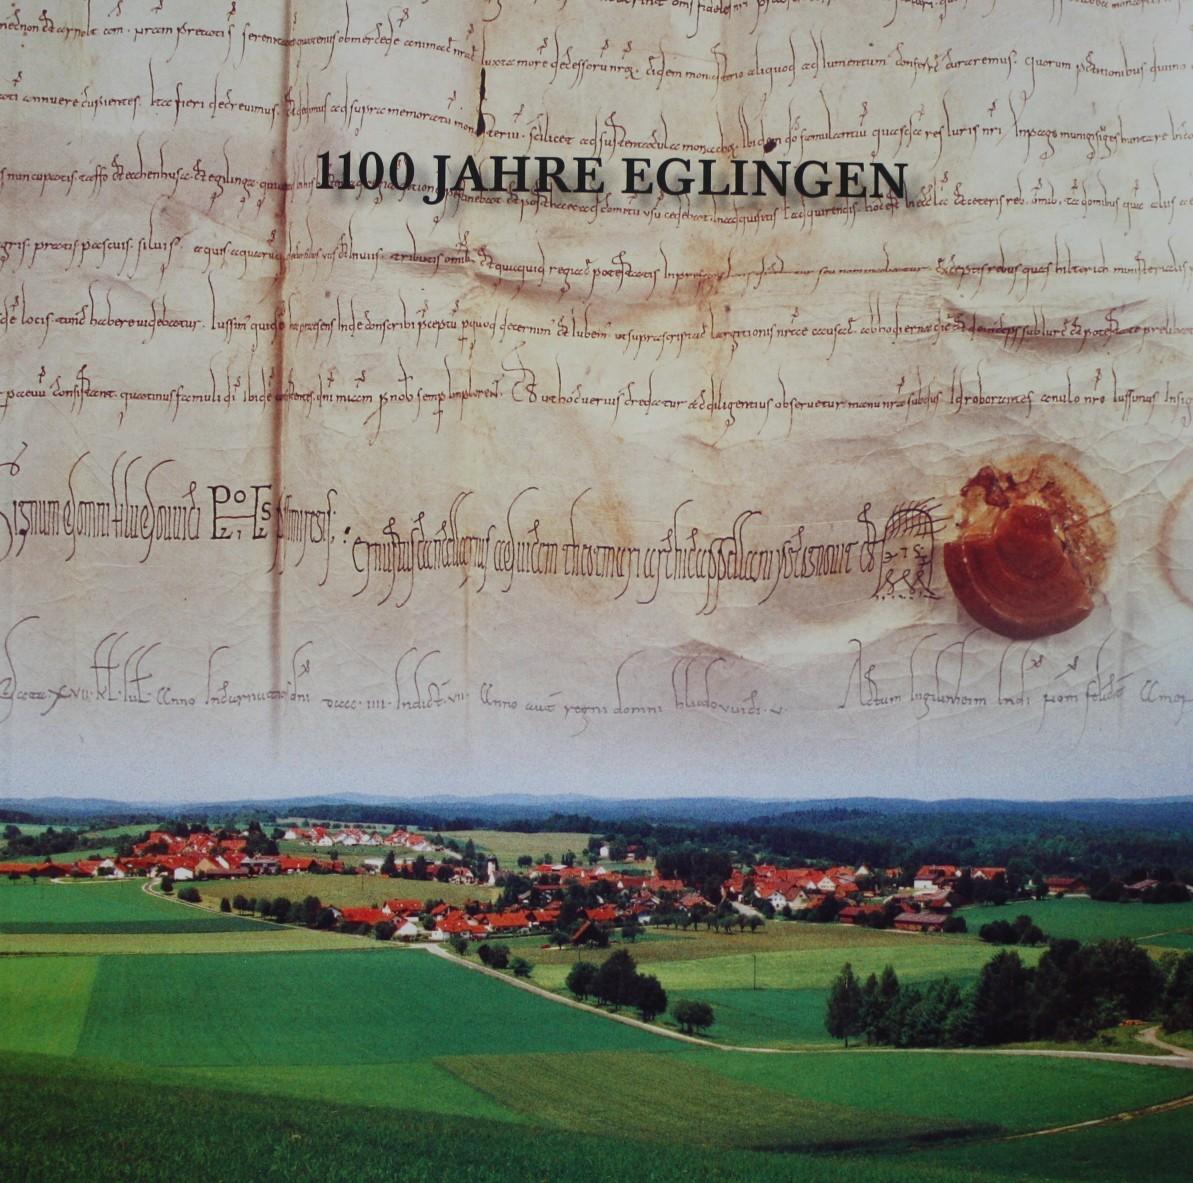 1100 Jahre Eglingen